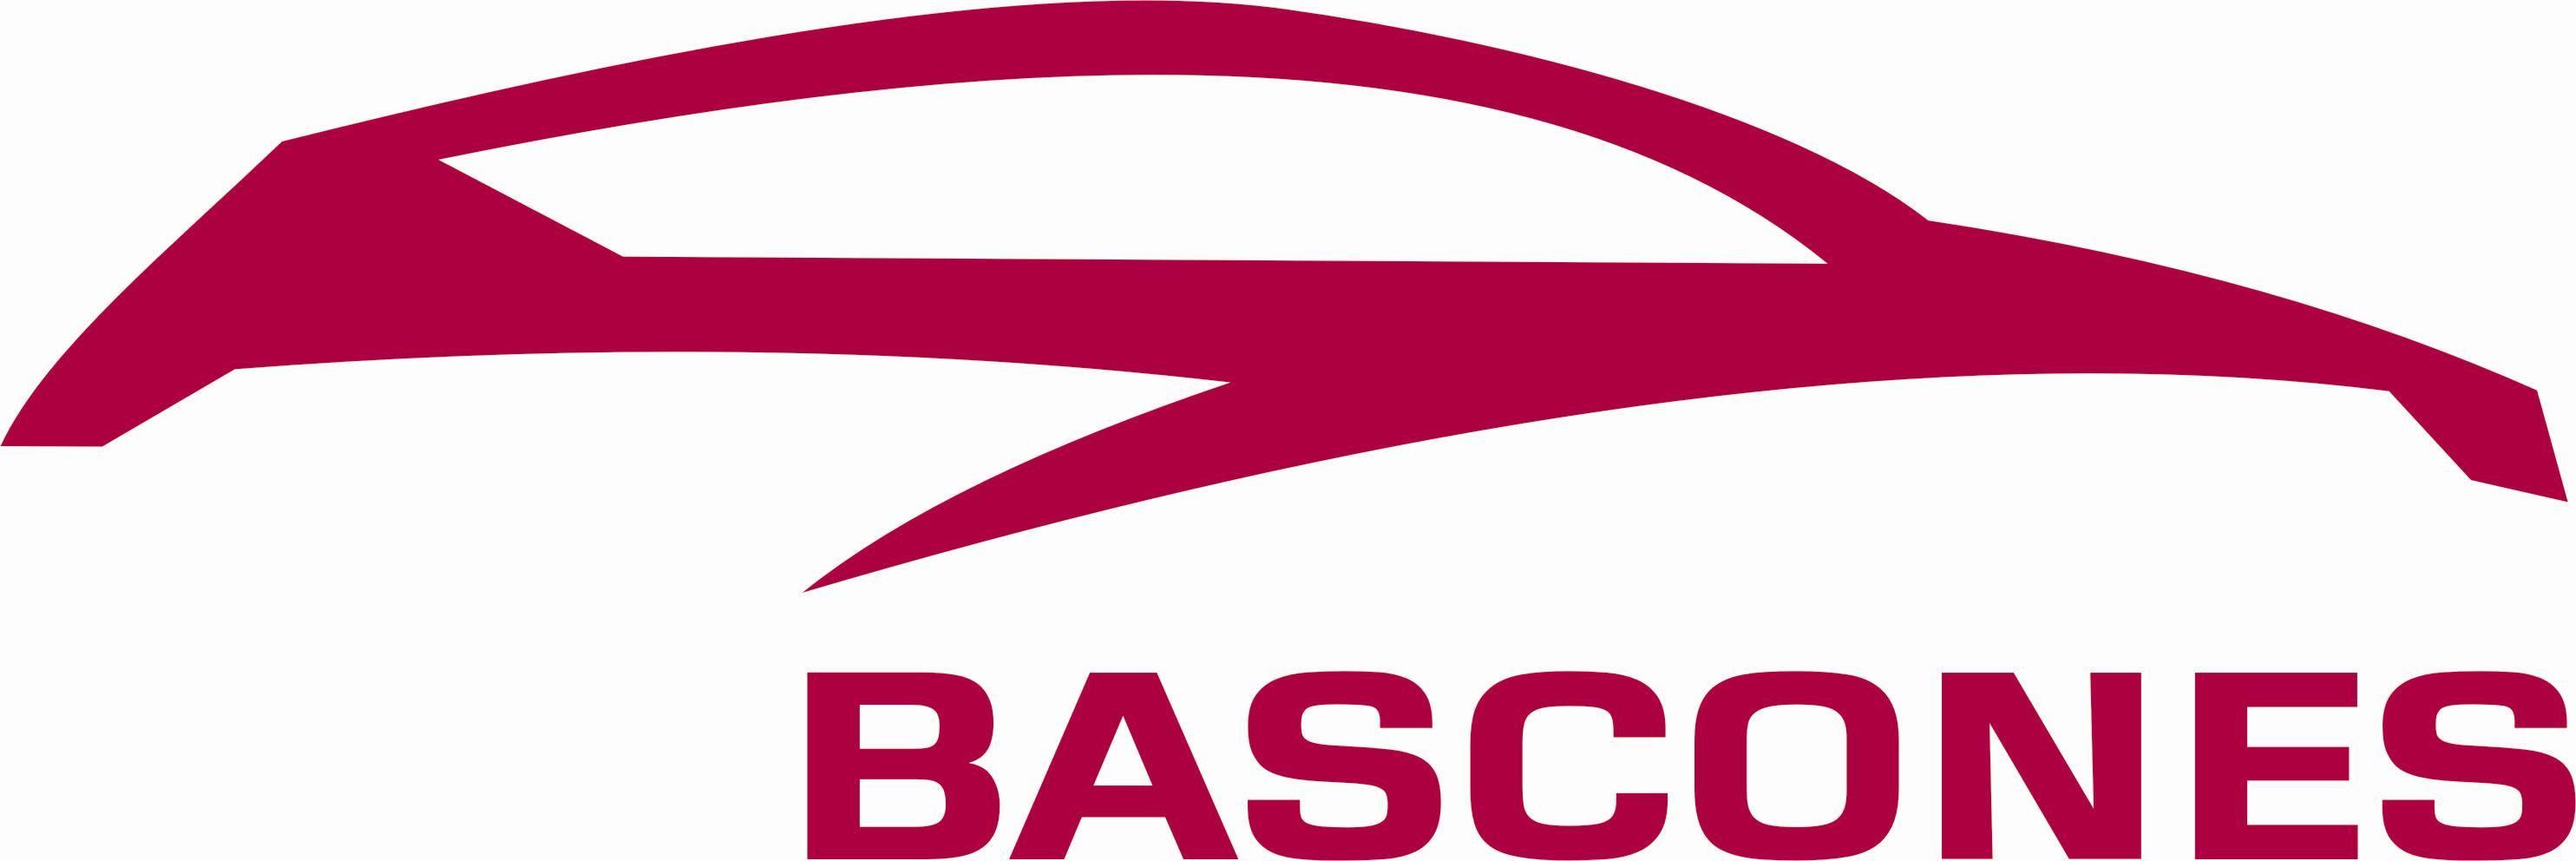 Talleres Báscones, Ventas y taller especializado en Seat, Volkswagen, Audi y Suzuki